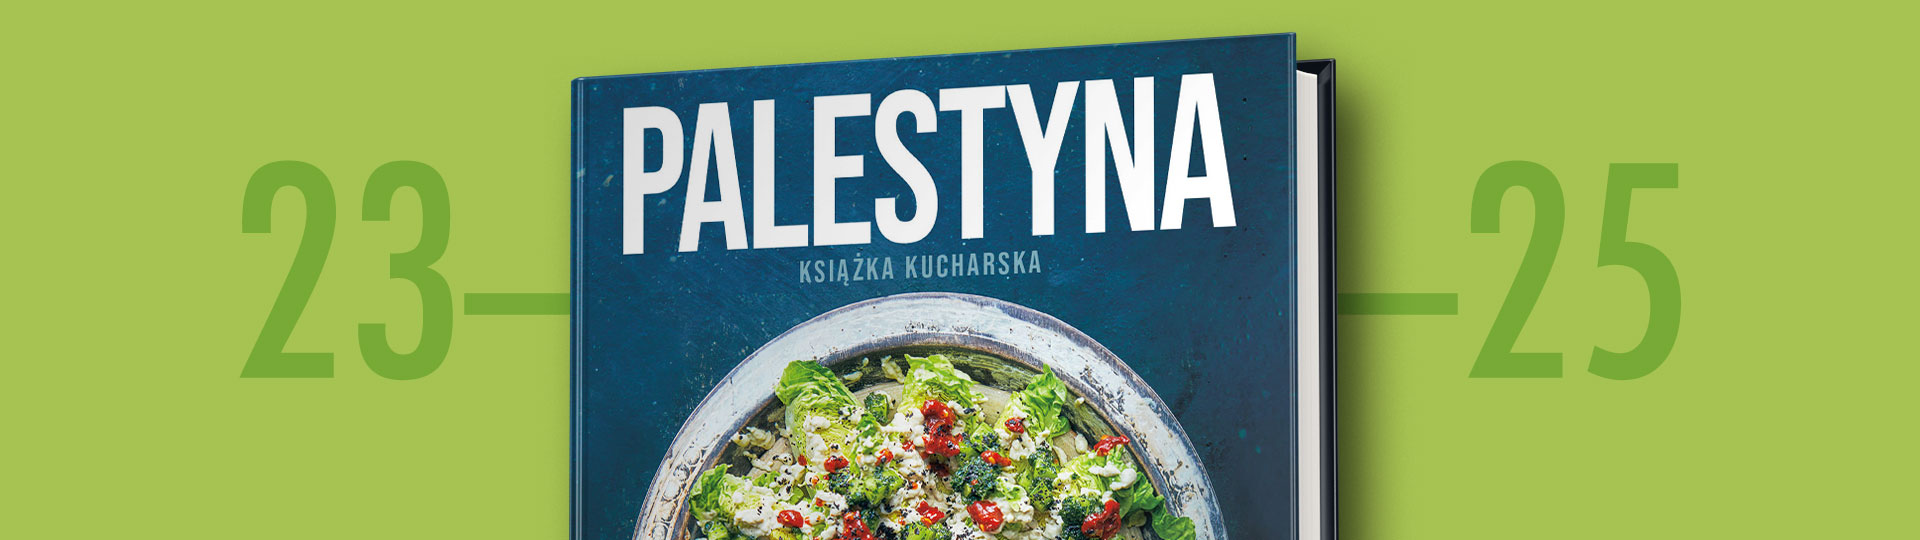 """Pierwsze egzemplarze """"Palestyny"""" dostępne od 23 do 25 października"""